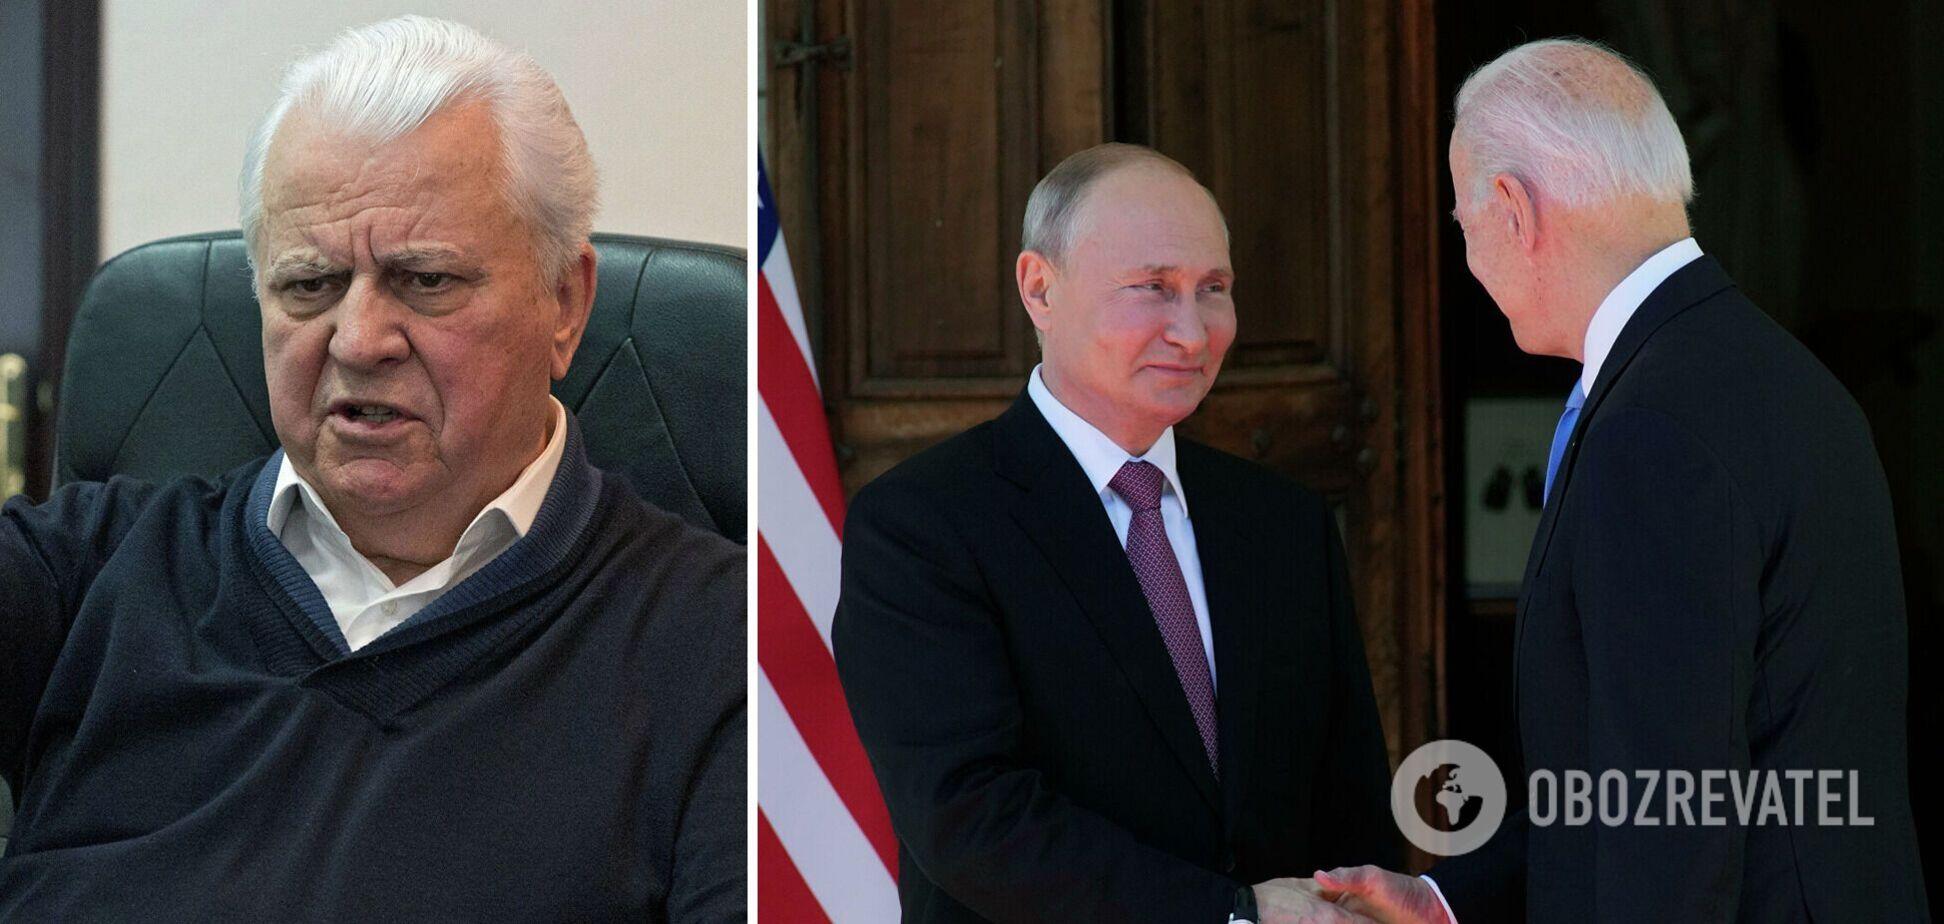 Кравчук оценил результаты встречи Байдена и Путина